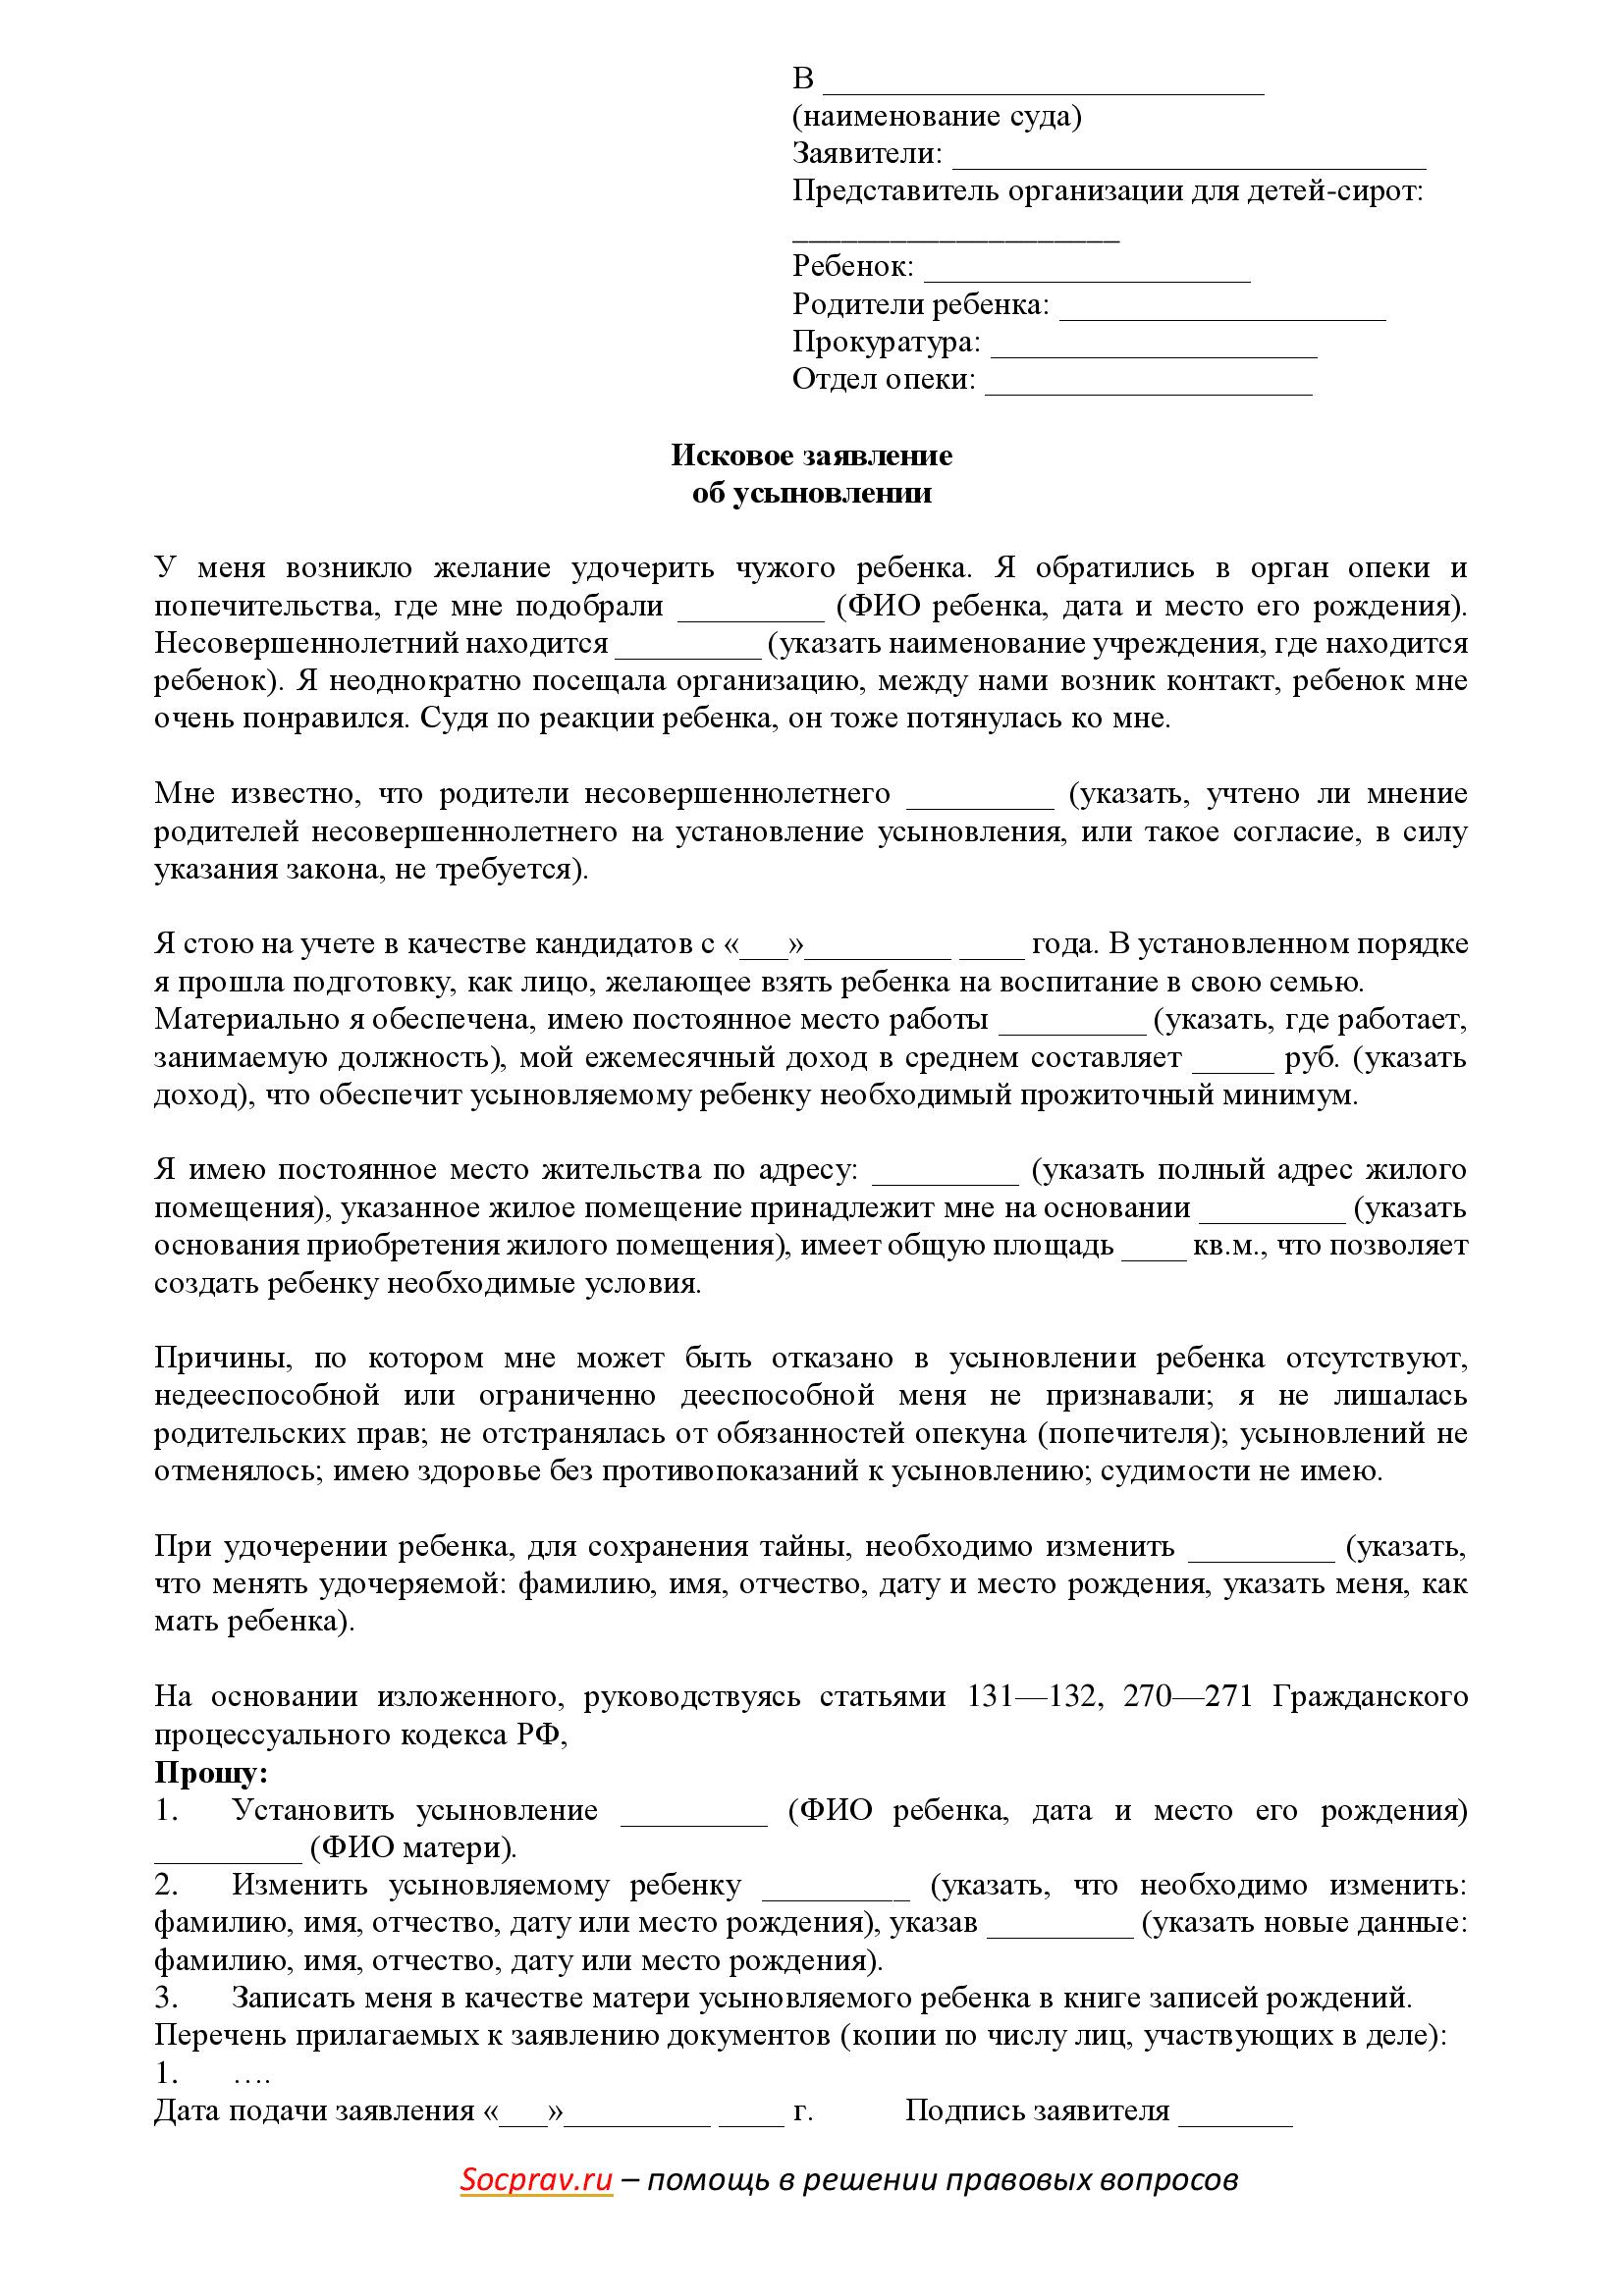 Исковое заявление об усыновление ребенка одинокой женщиной (образец)